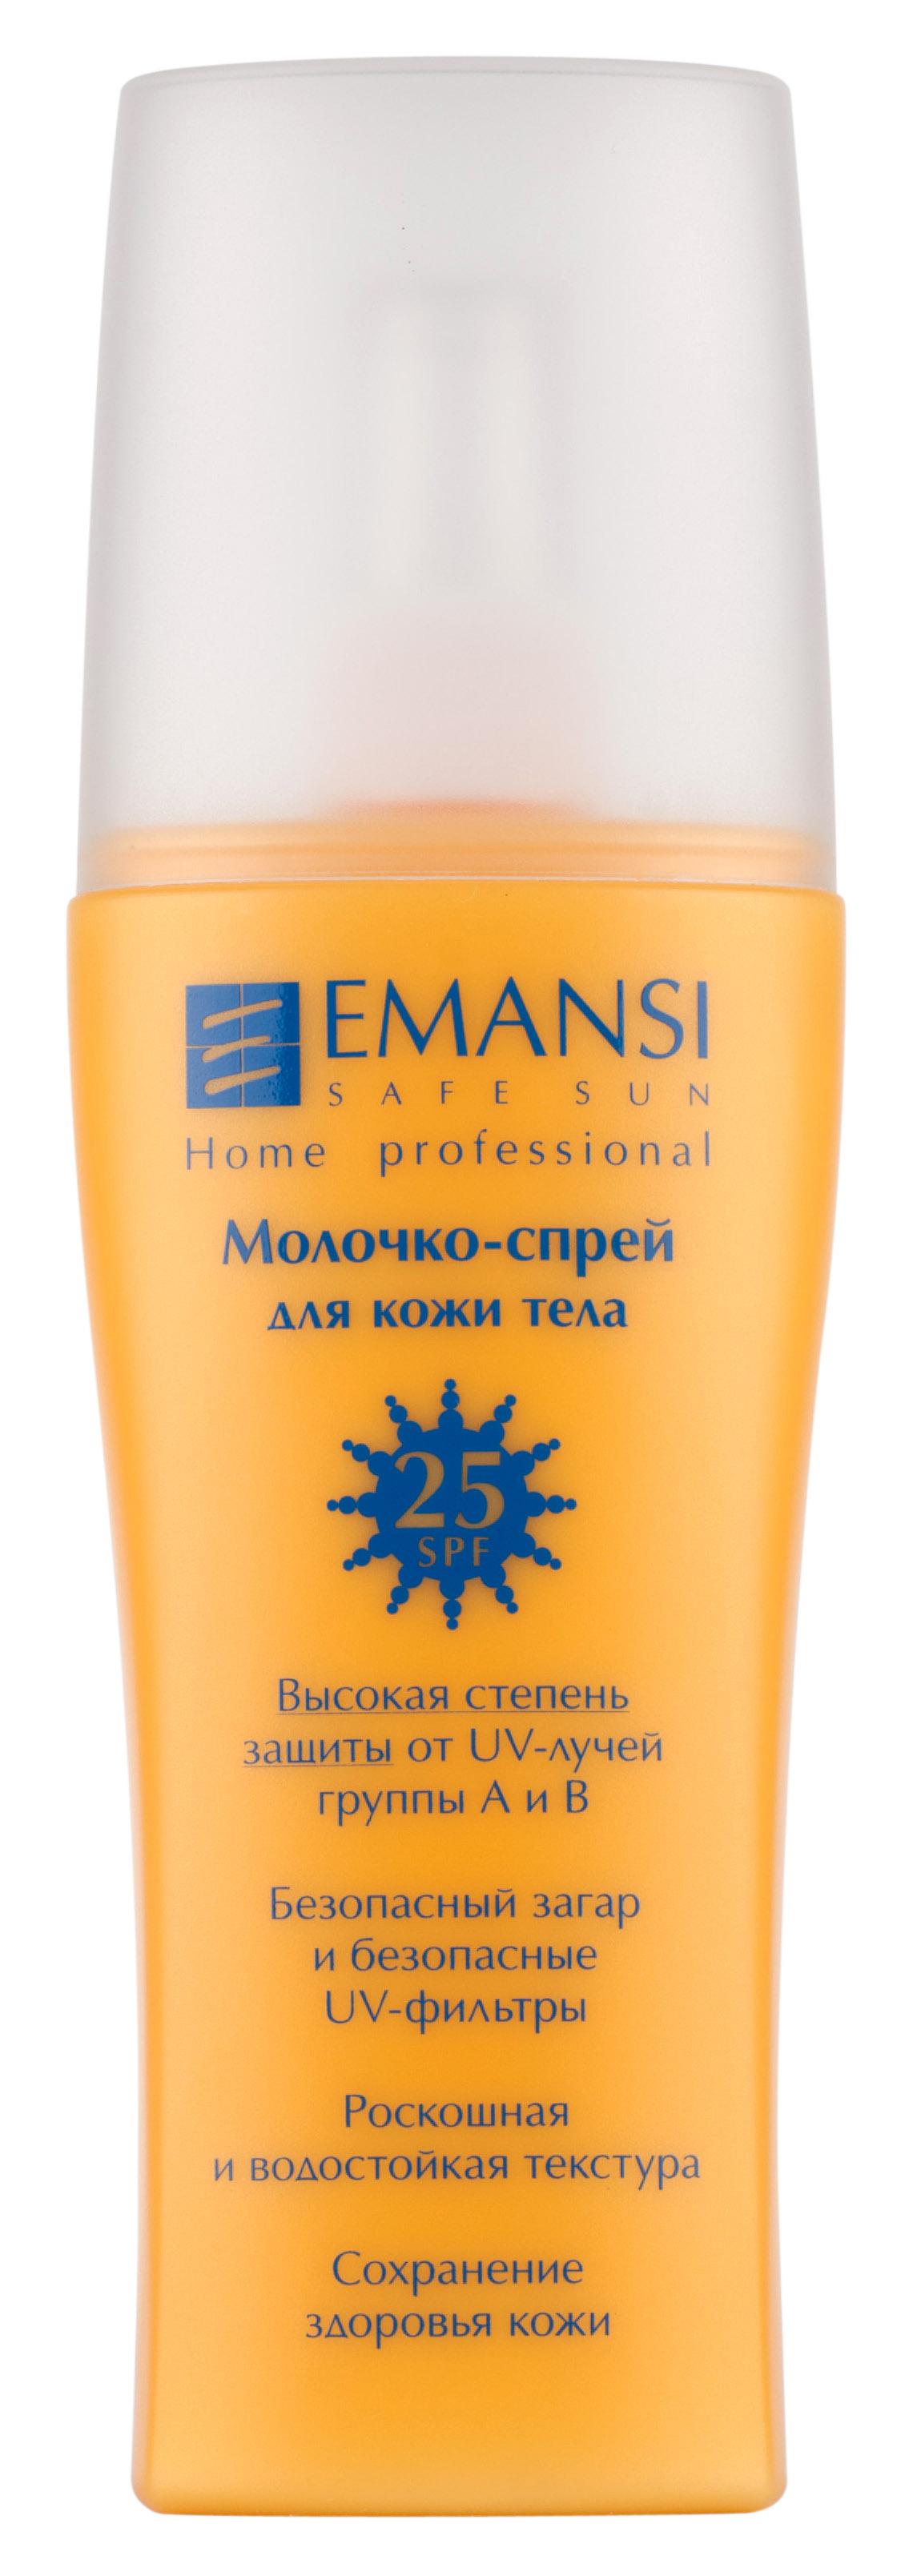 Emansi Молочко-спрей для кожи тела Safe sun SPF 25, 150 мл3298- Высокая степень защиты от UV – лучей группы А и В - Безопасный загар и безопасные UV-фильтры - Роскошная и водостойкая текстура - Сохранение здоровья кожи - Защищает от UV – лучей группы А и В благодаря включению безопасных UV-фильтров - Устойчиво к действию воды и пота - Подходит для любой, в том числе и чувствительной кожи